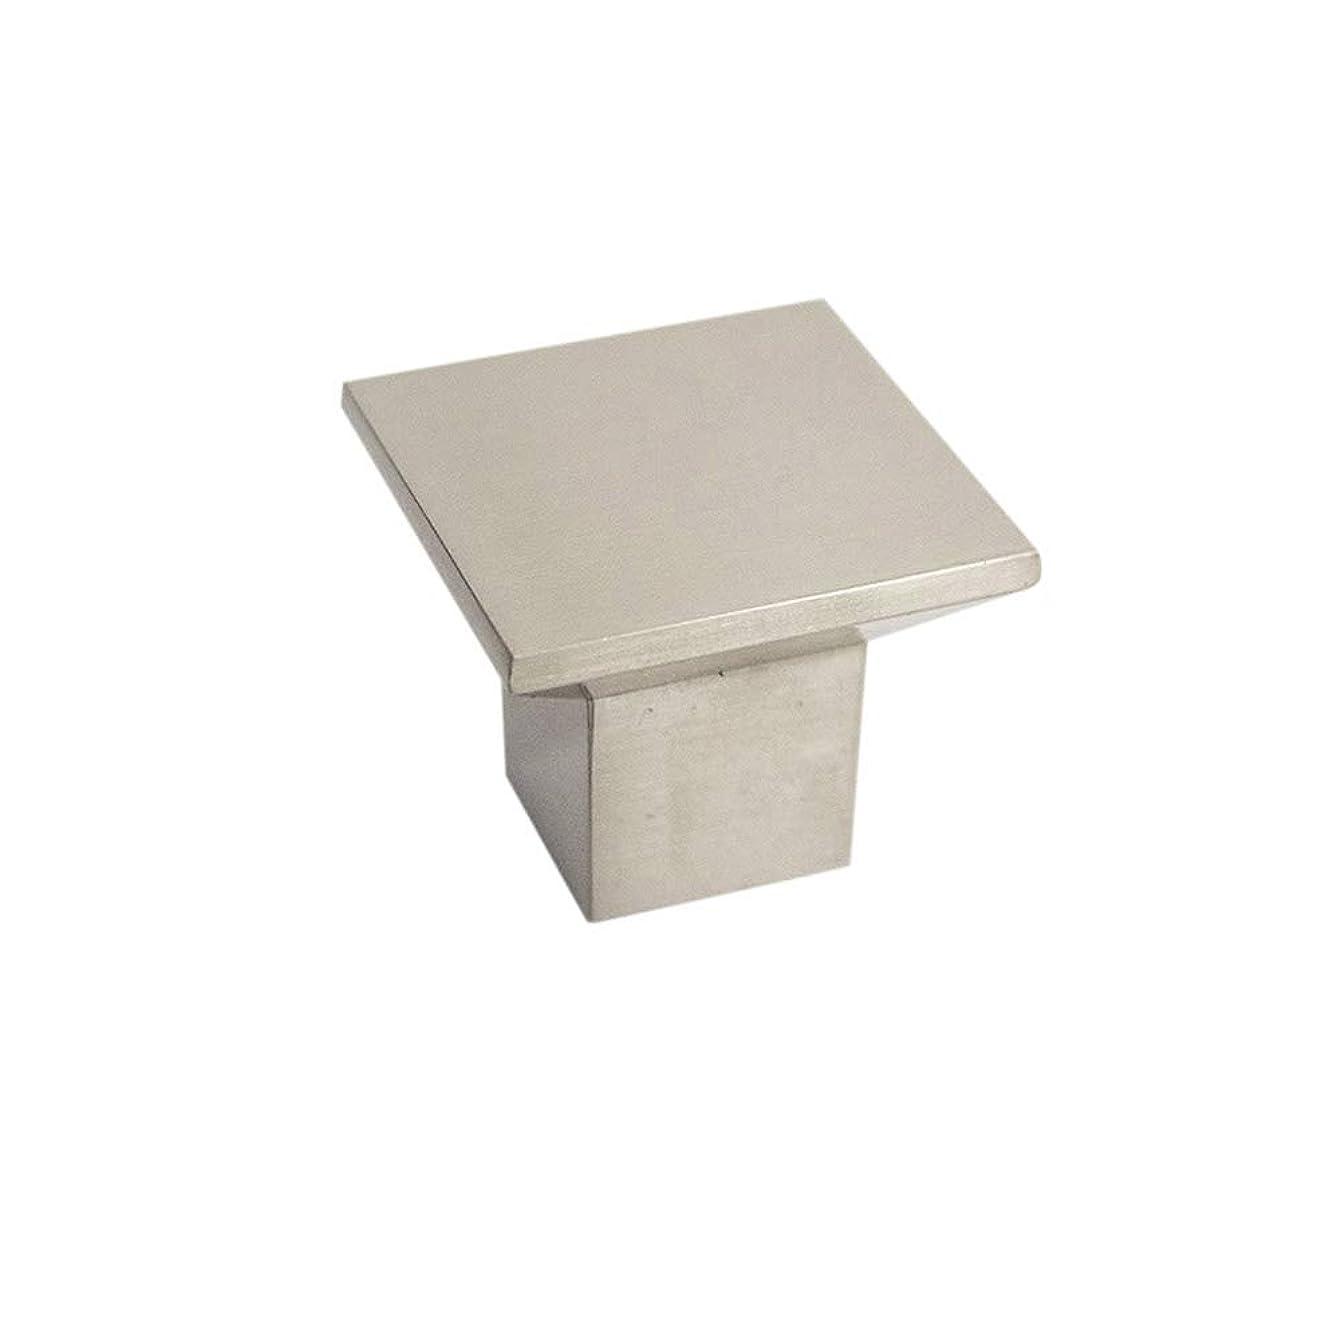 Design House 205179 Cubist Cabinet Knob, Brushed Nickel